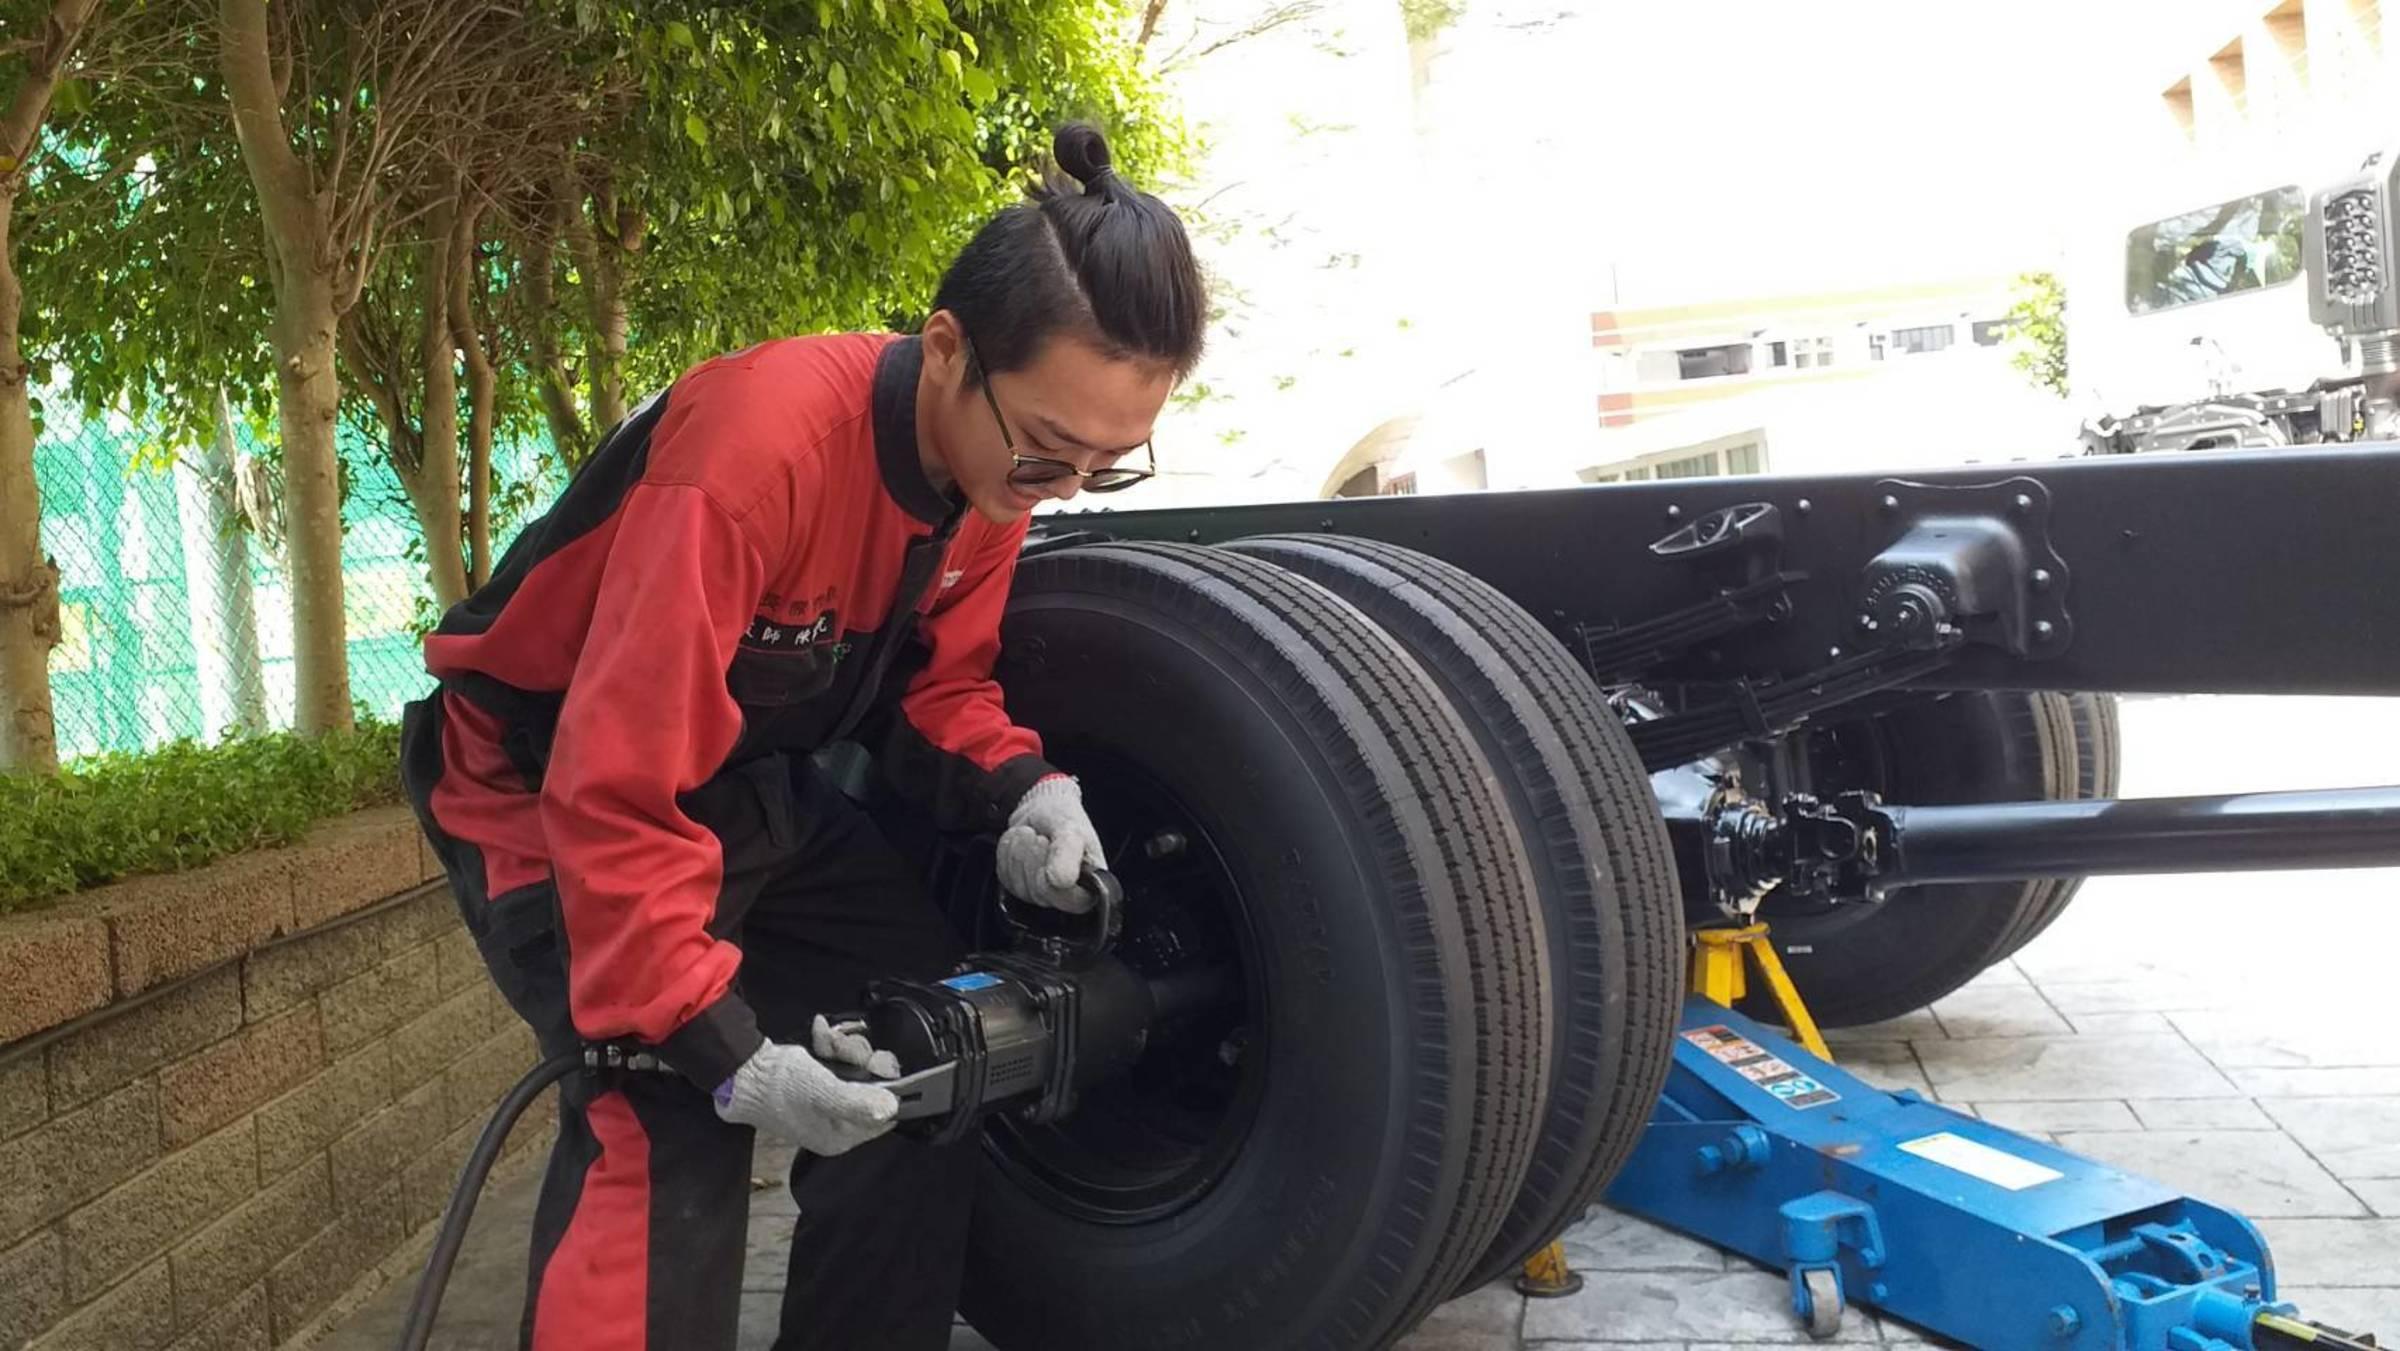 現場示範大型連結車基本保養操作-更換輪胎。